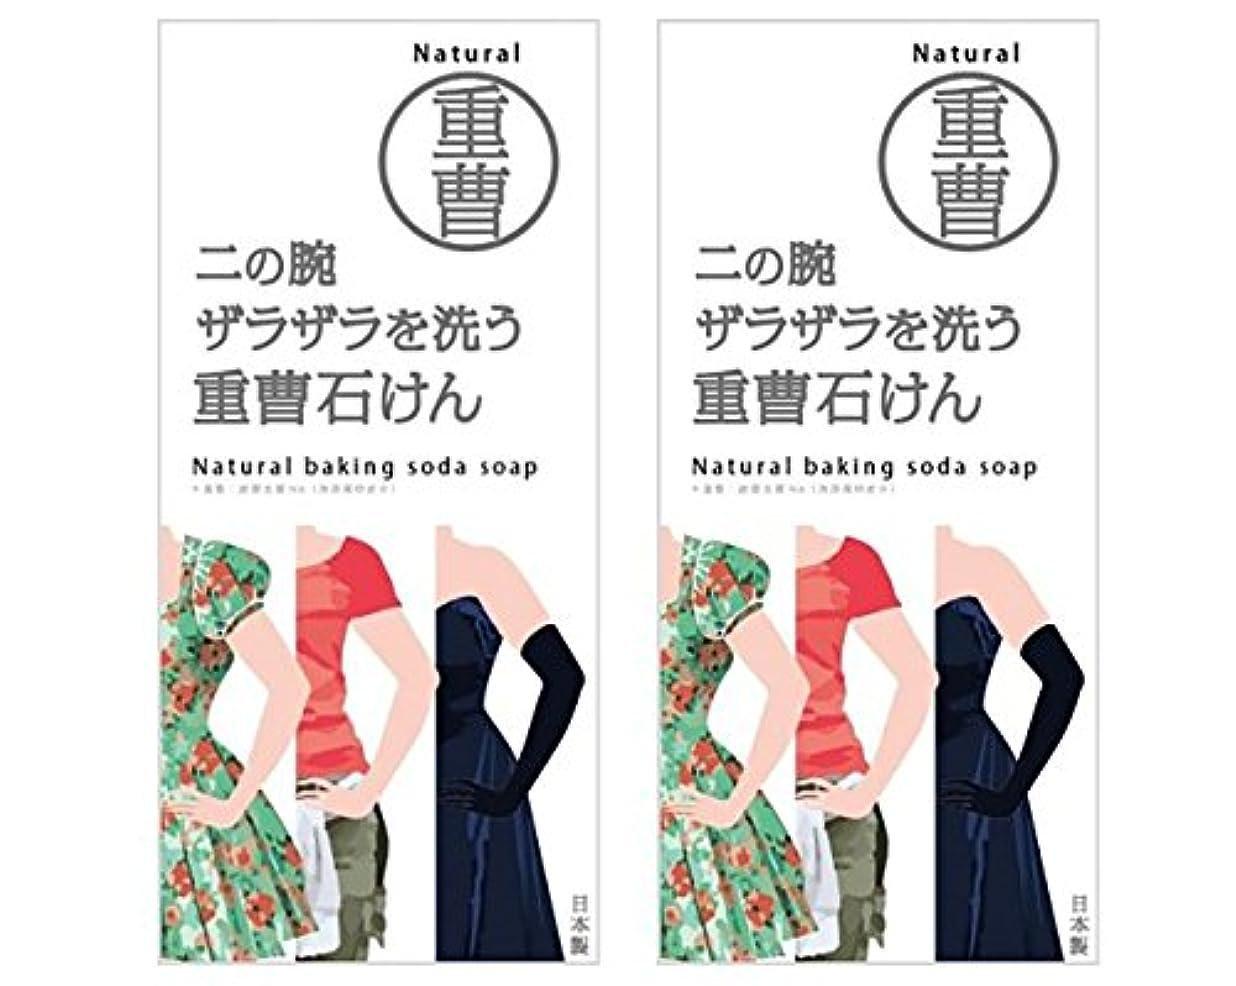 インテリア調整するアルカイックニの腕を洗う重曹石鹸 (2個)